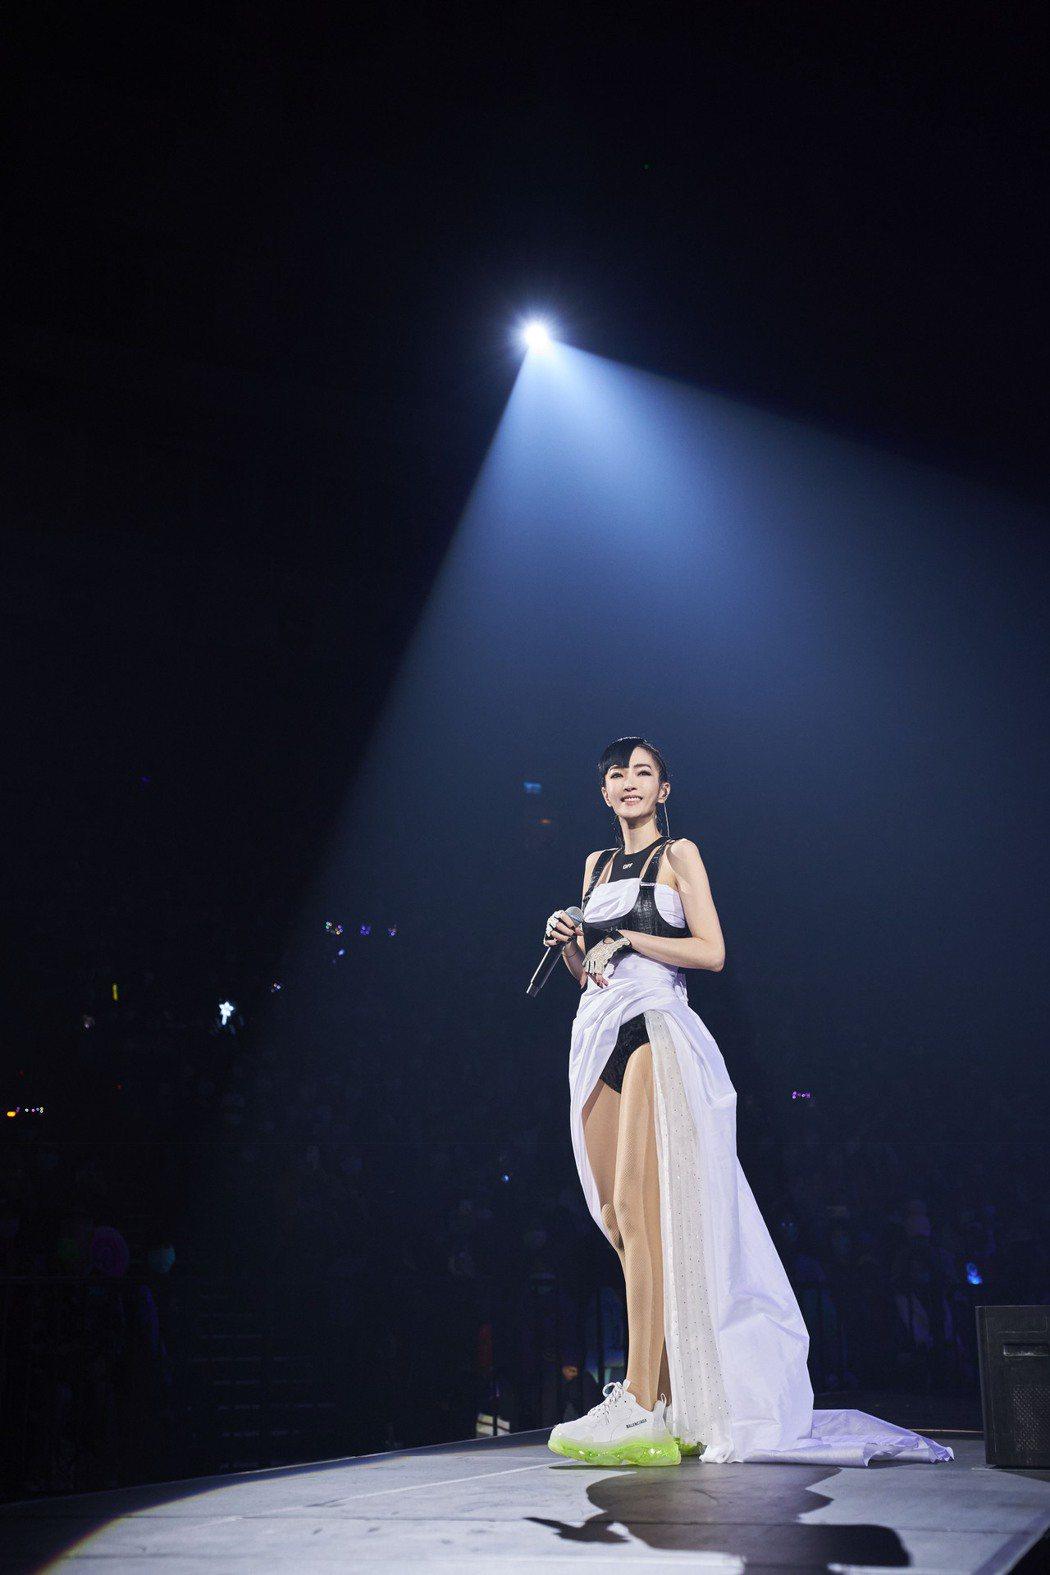 謝金燕擁有110公分的逆天美腿,令人稱羨。圖/開麗娛樂提供